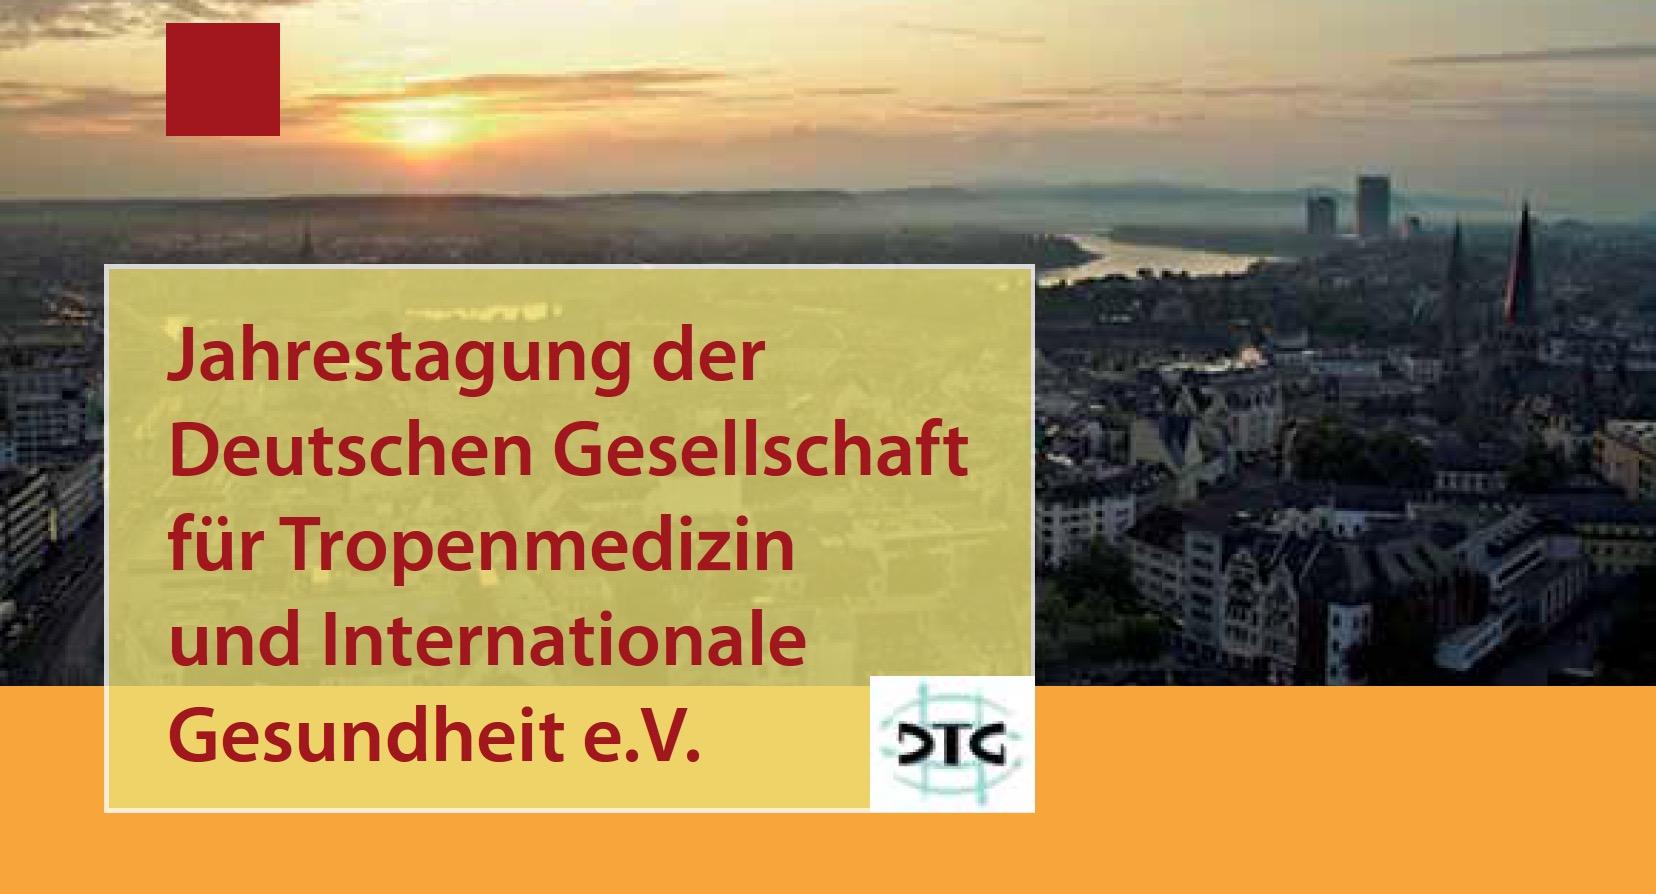 Jahrestagung der Deutschen Gesellschaft für Tropenmedizin und Internationale Gesundheit e.V.